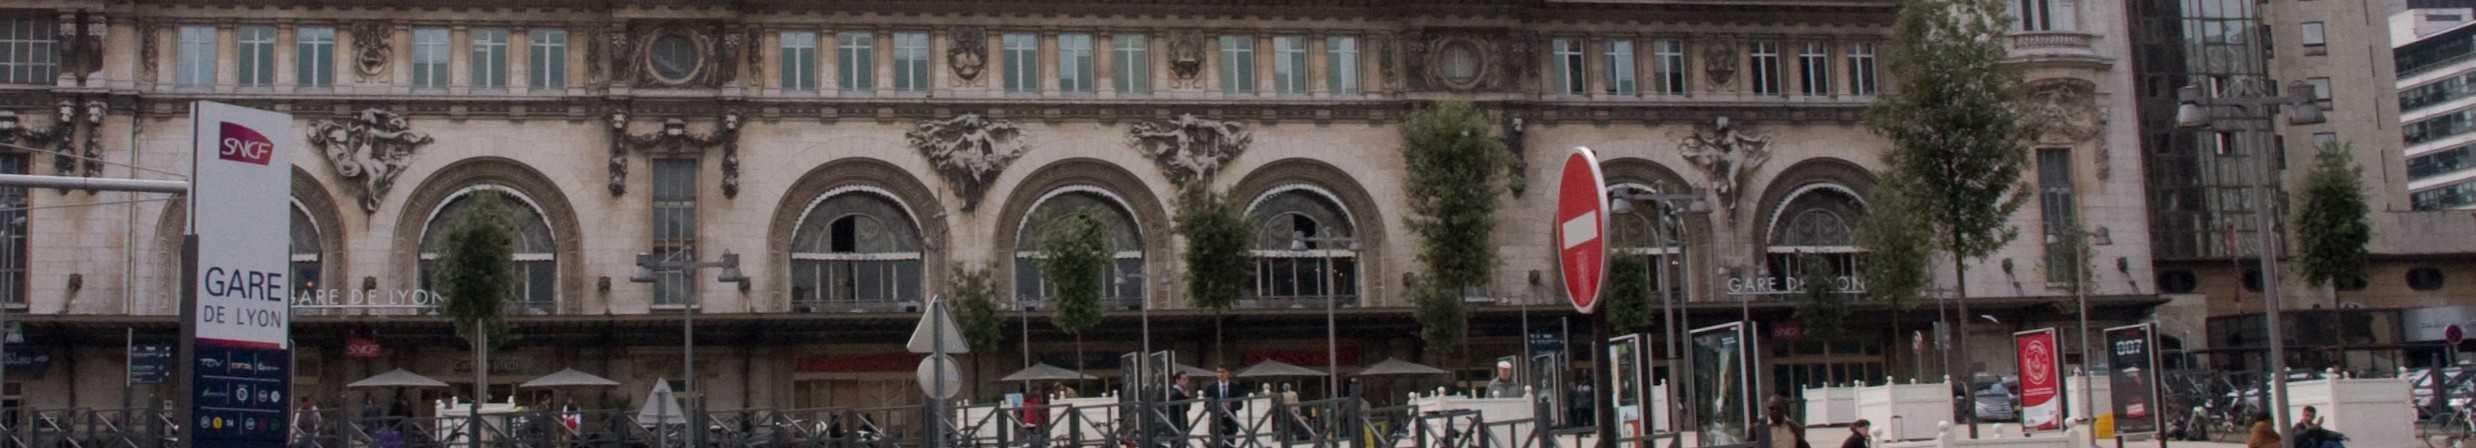 Vue de face de la Gare de Lyon